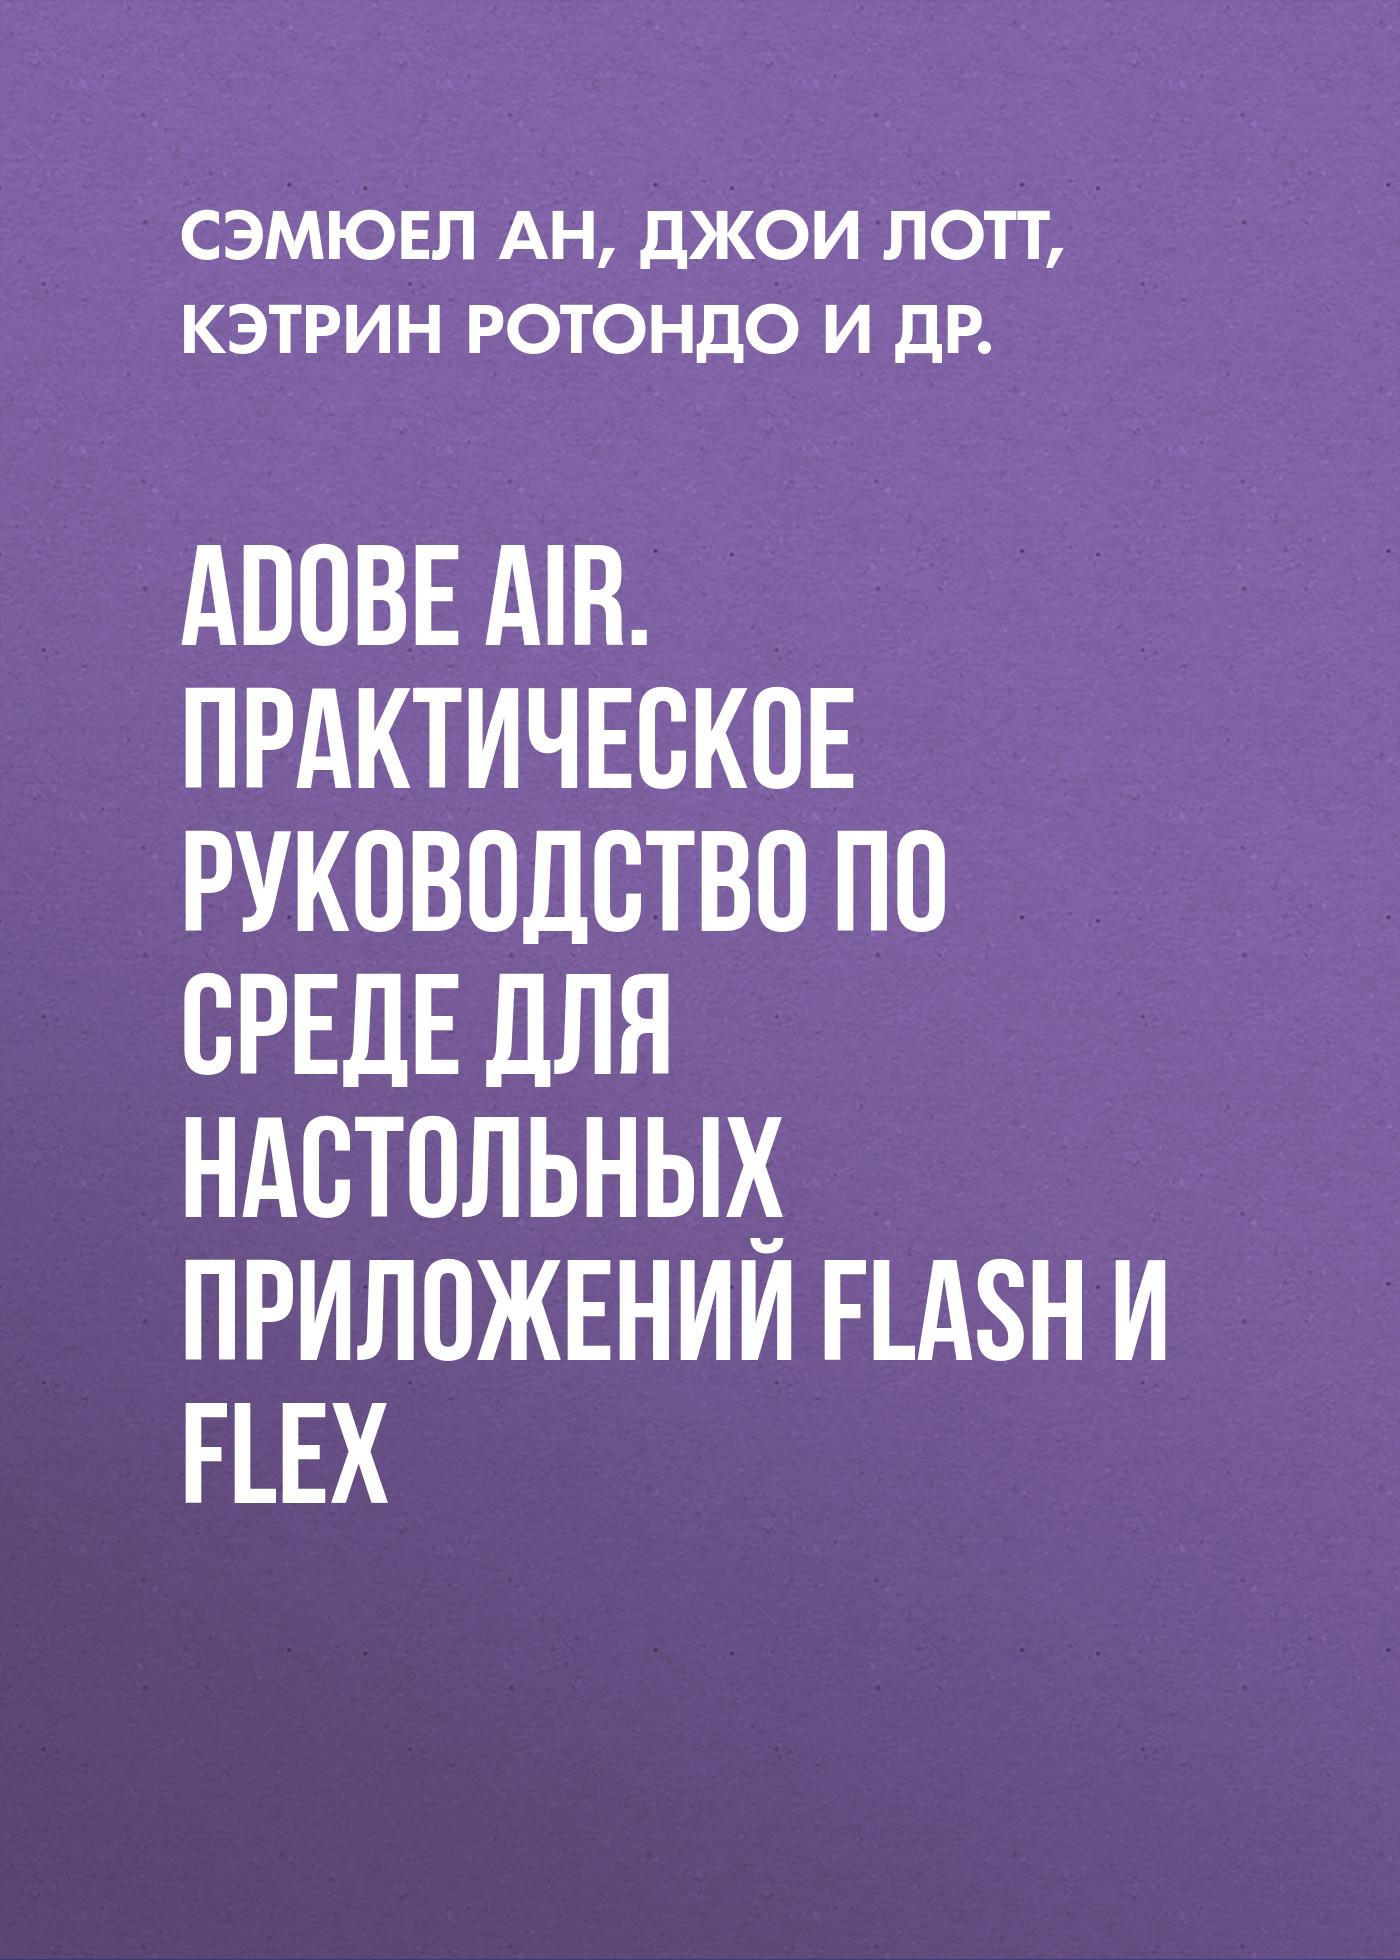 Джои Лотт Adobe AIR. Практическое руководство по среде для настольных приложений Flash и Flex джои лотт adobe air практическое руководство по среде для настольных приложений flash и flex